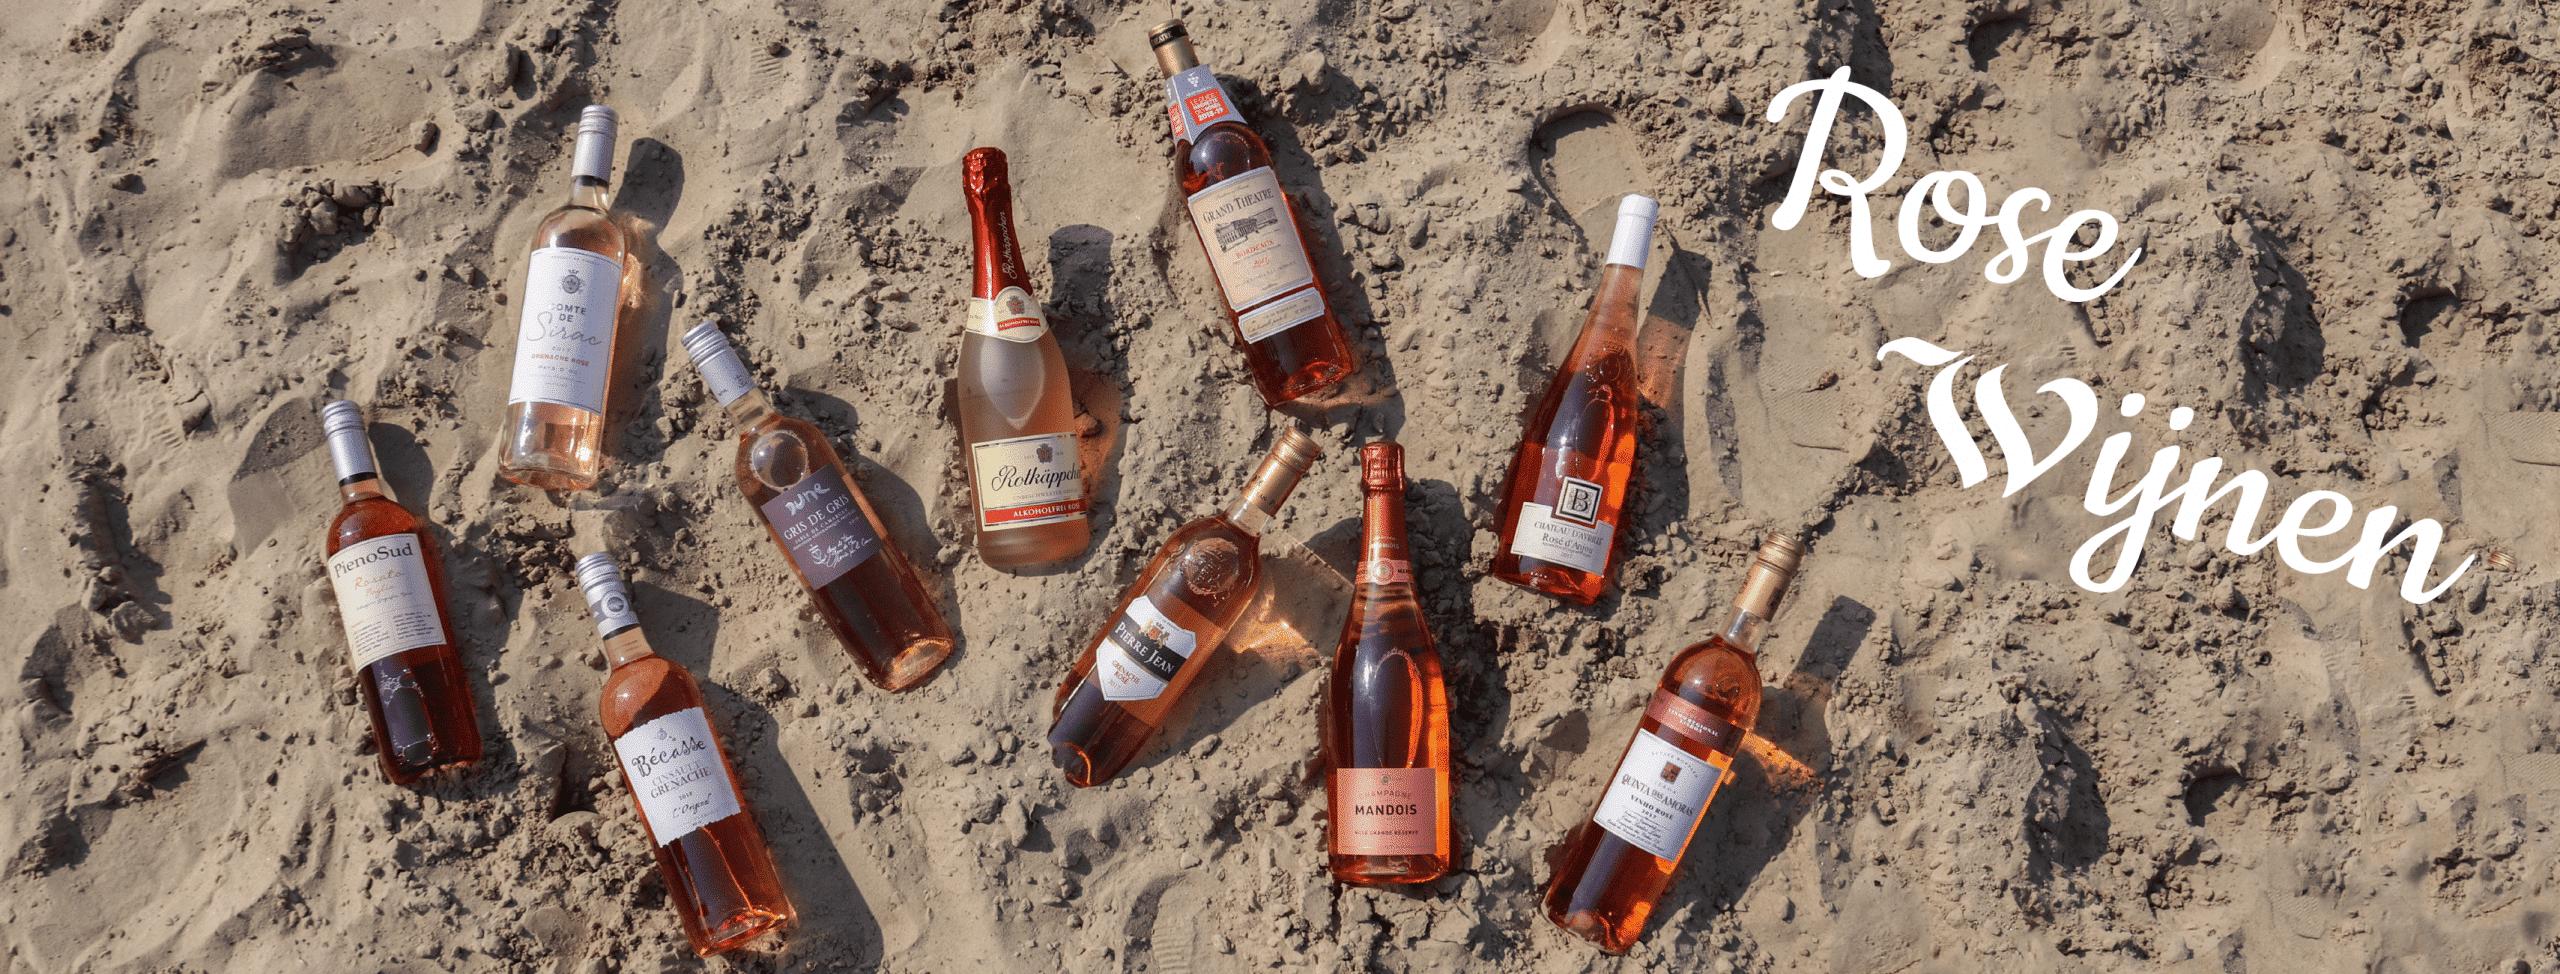 rosé-wijnen-banner